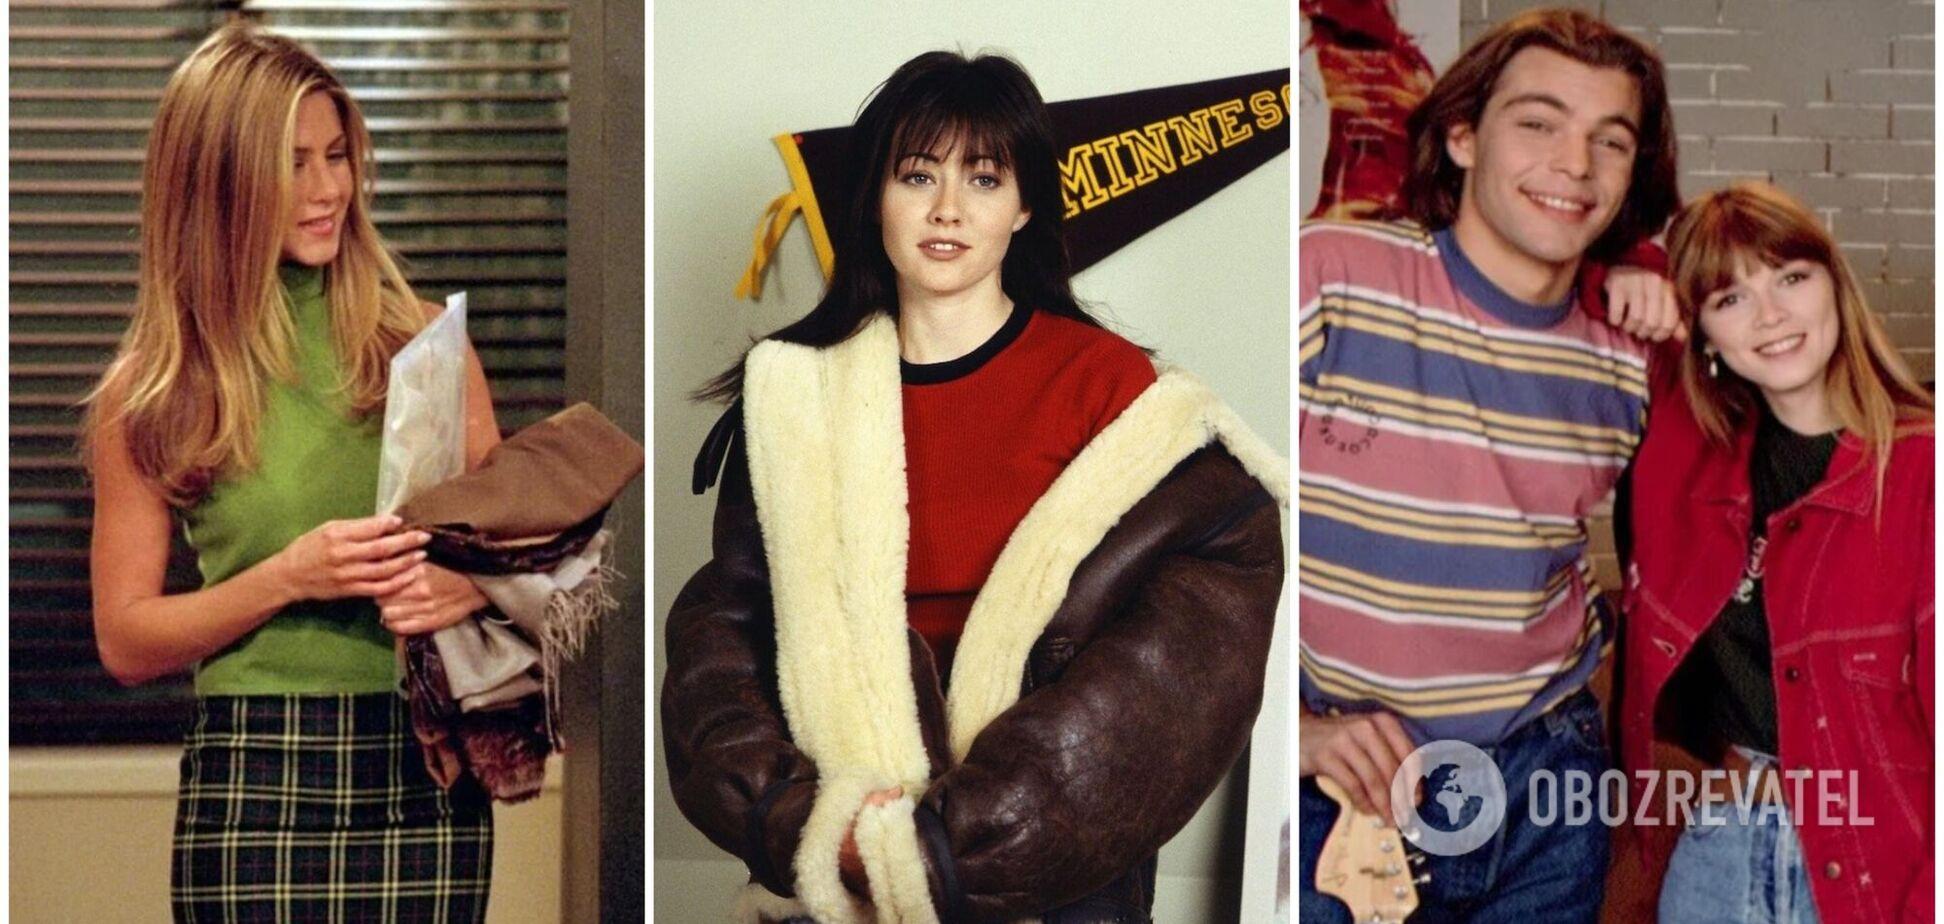 Актуальні модні образи з 1990-х на прикладі серіалів «Беверлі-Хіллз: 90210», «Елен і хлопці» та інших